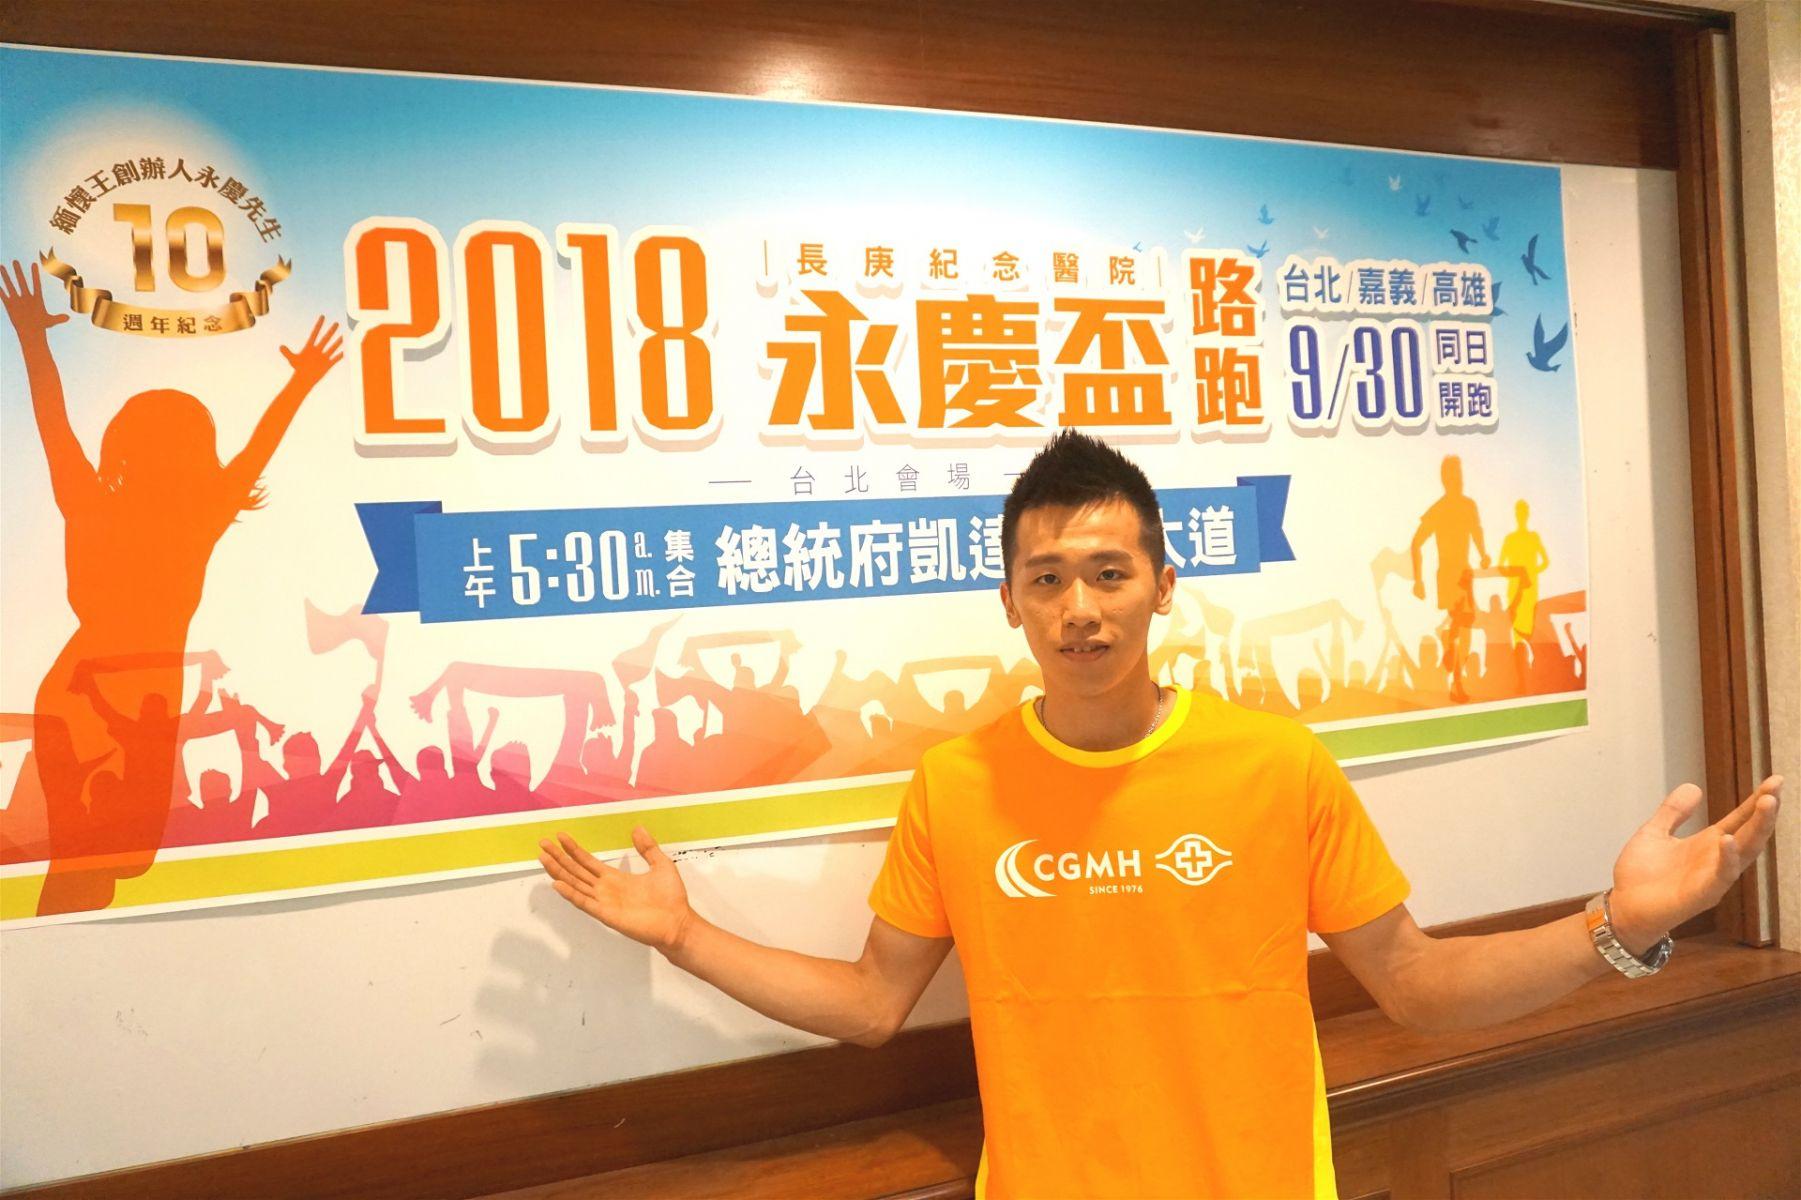 「鞍馬王子」李智凱也愛跑步!運動前中後飲食大公開